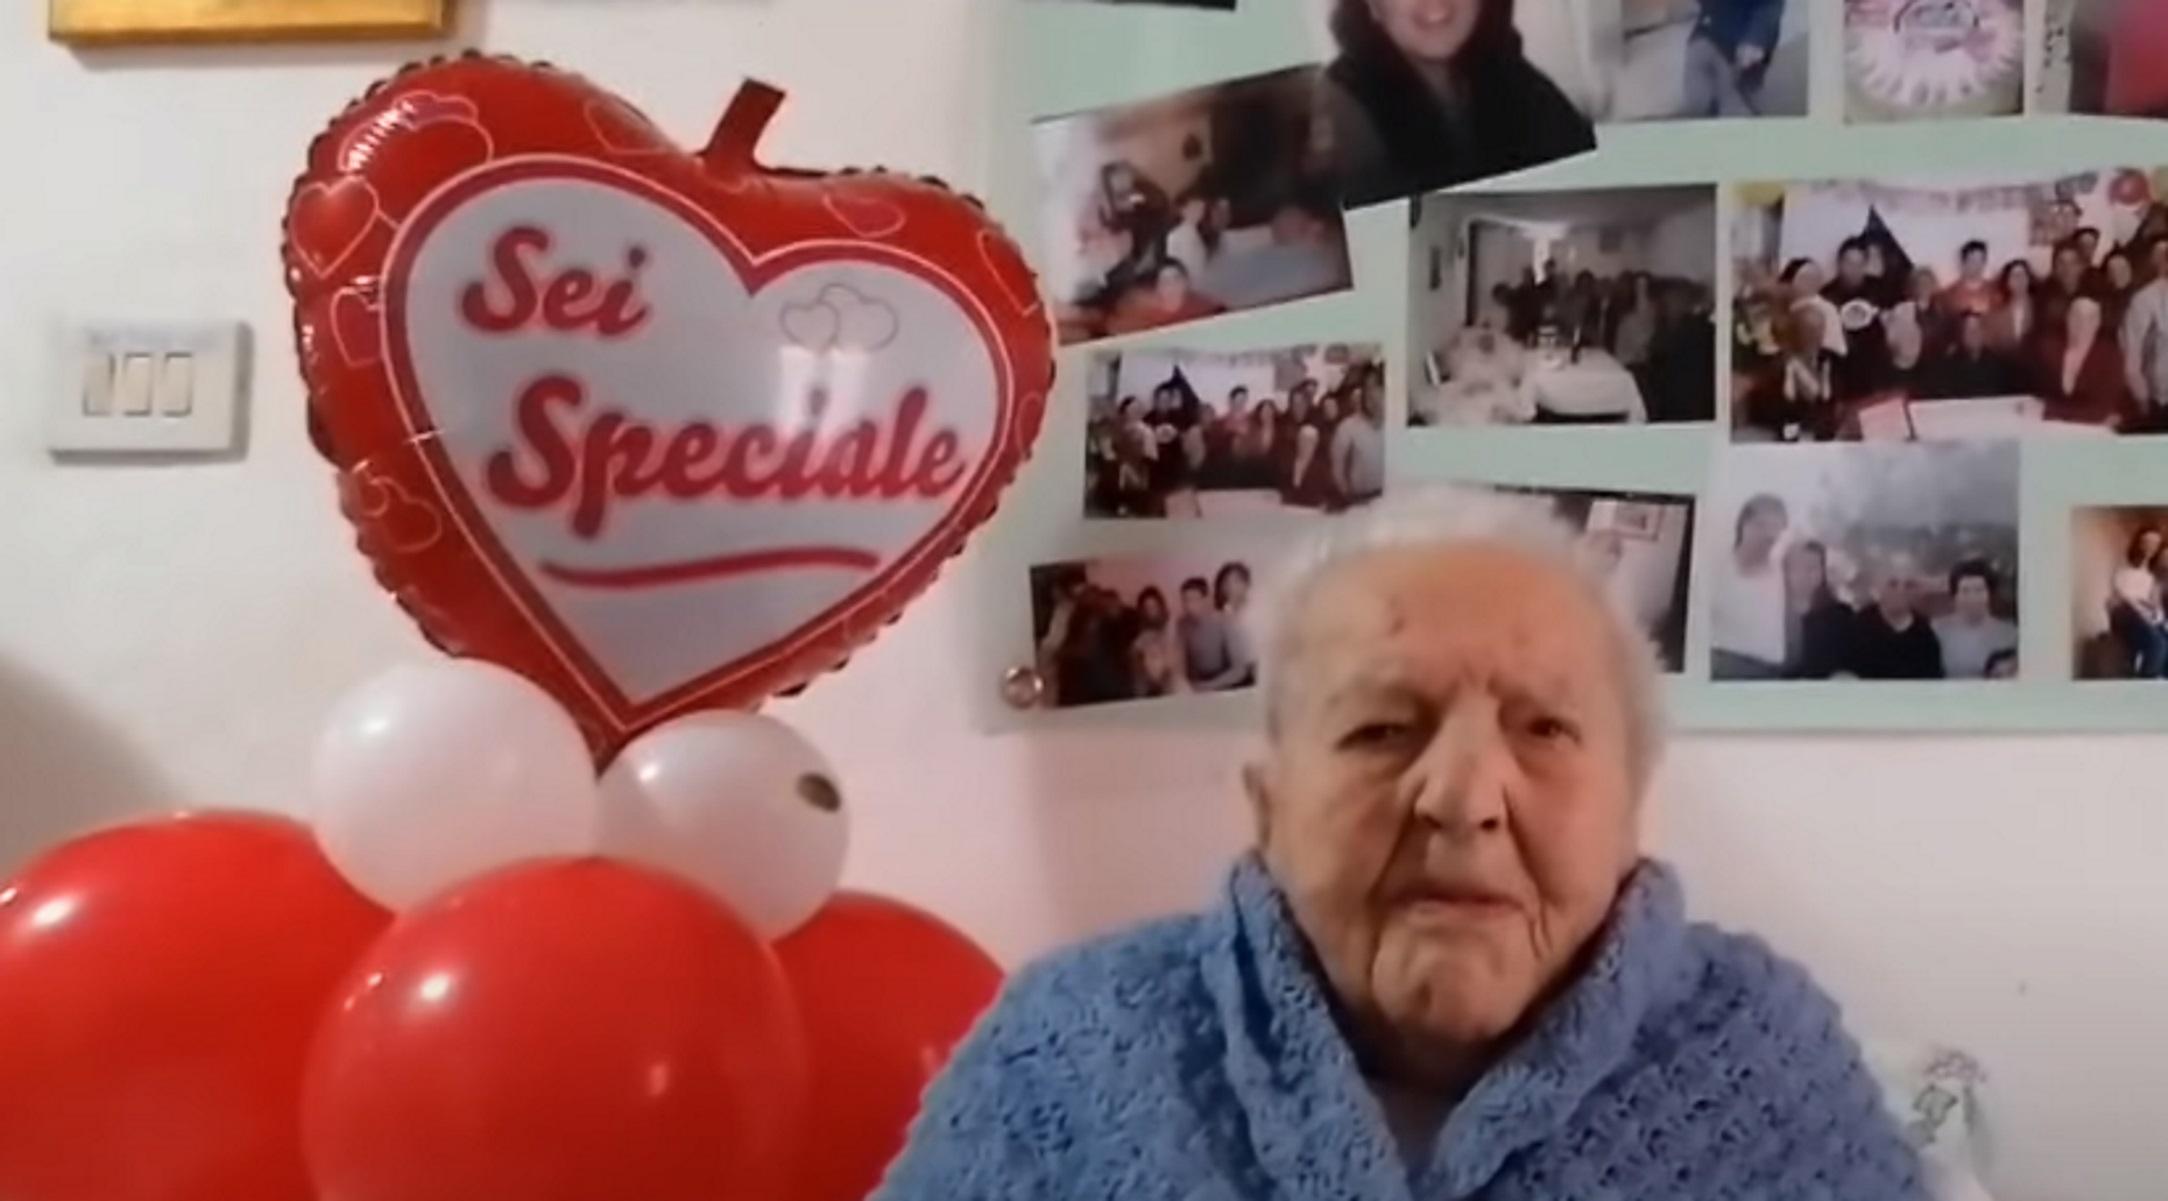 Ιταλία: Πέθανε στα 112 ο πιο ηλικιωμένος άνθρωπος της χώρας